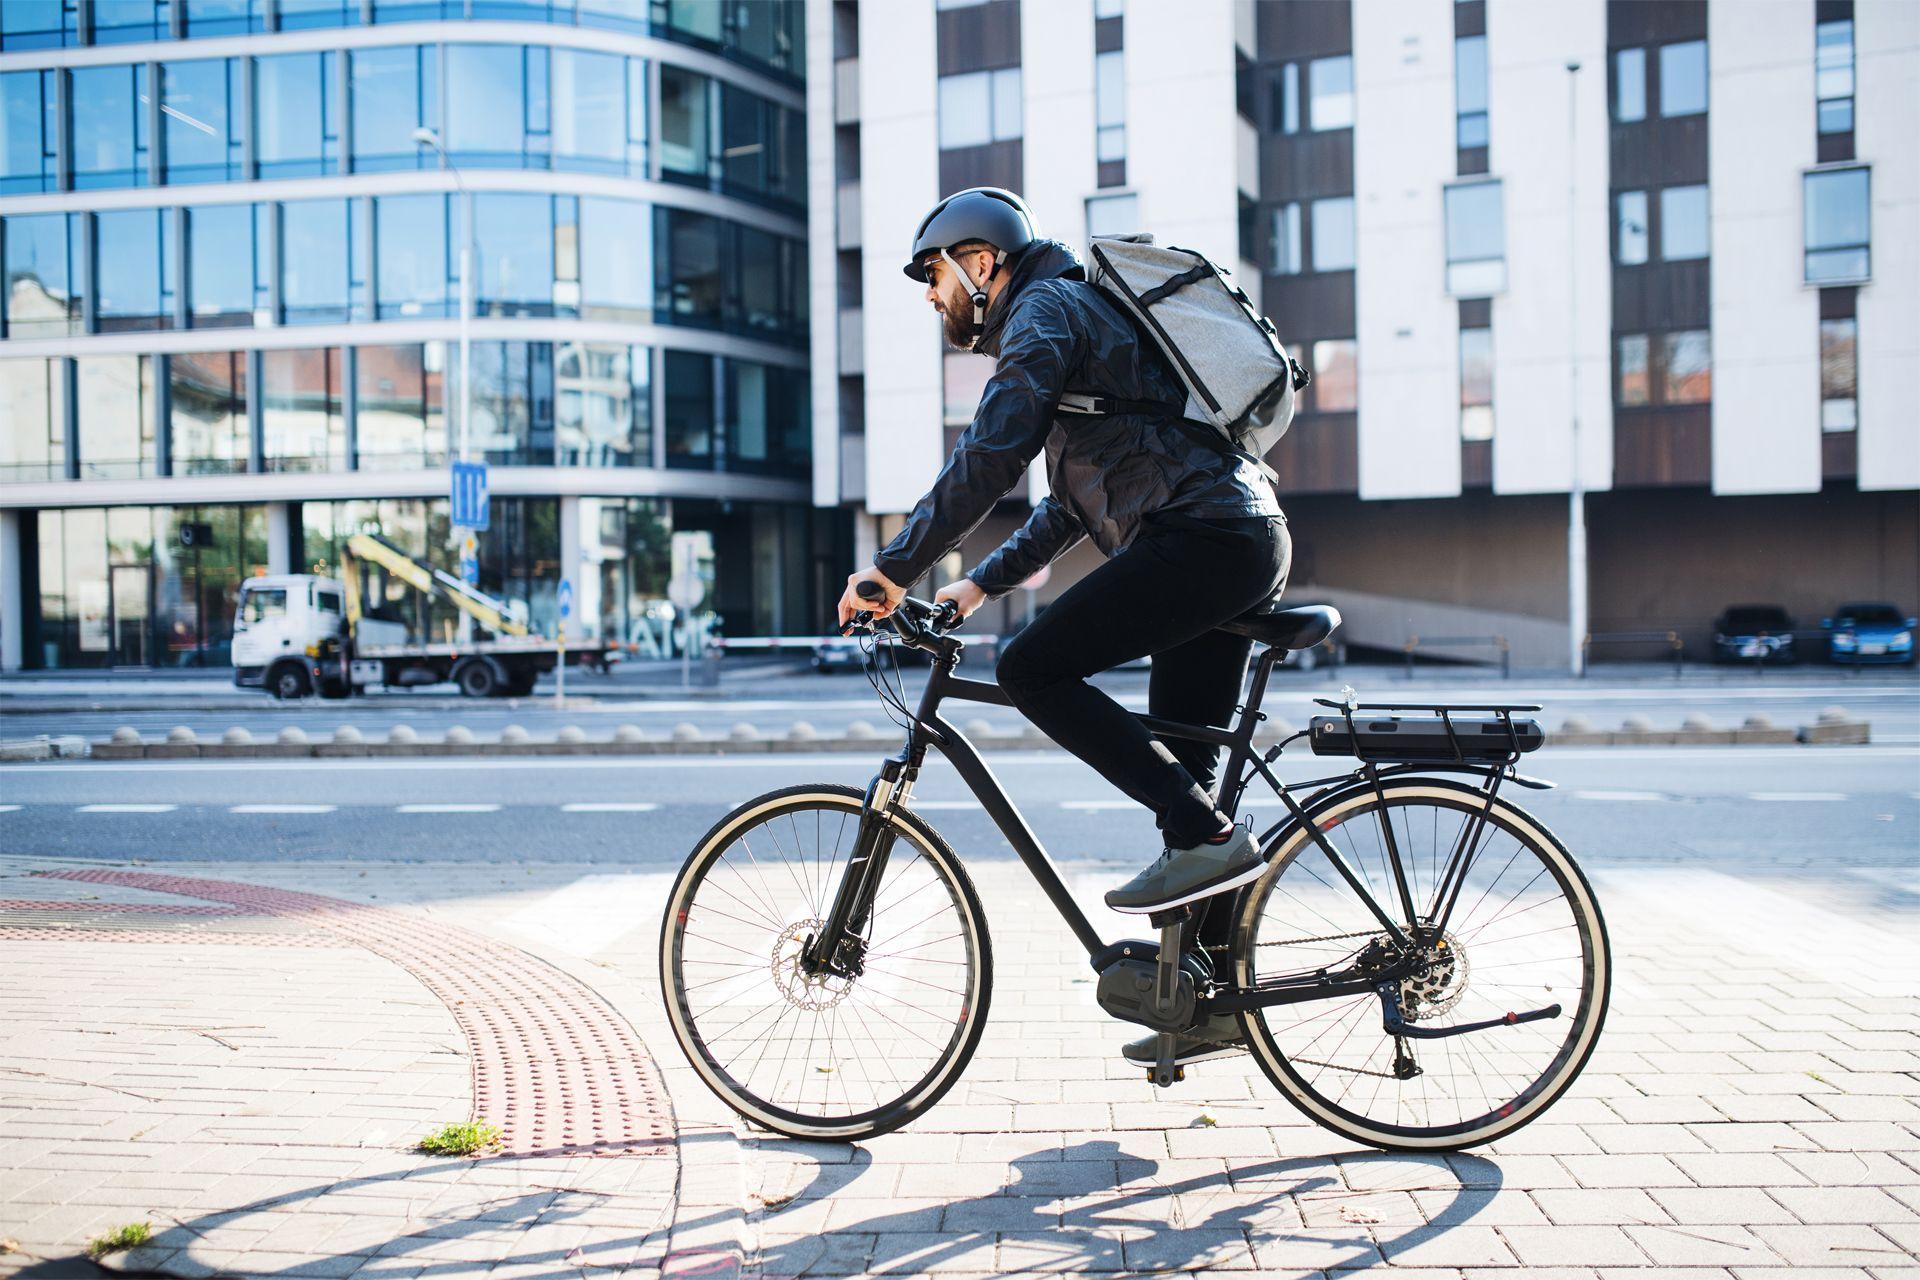 Perché la bici elettrica è meglio dello scooter. Ecco la nostra opinione